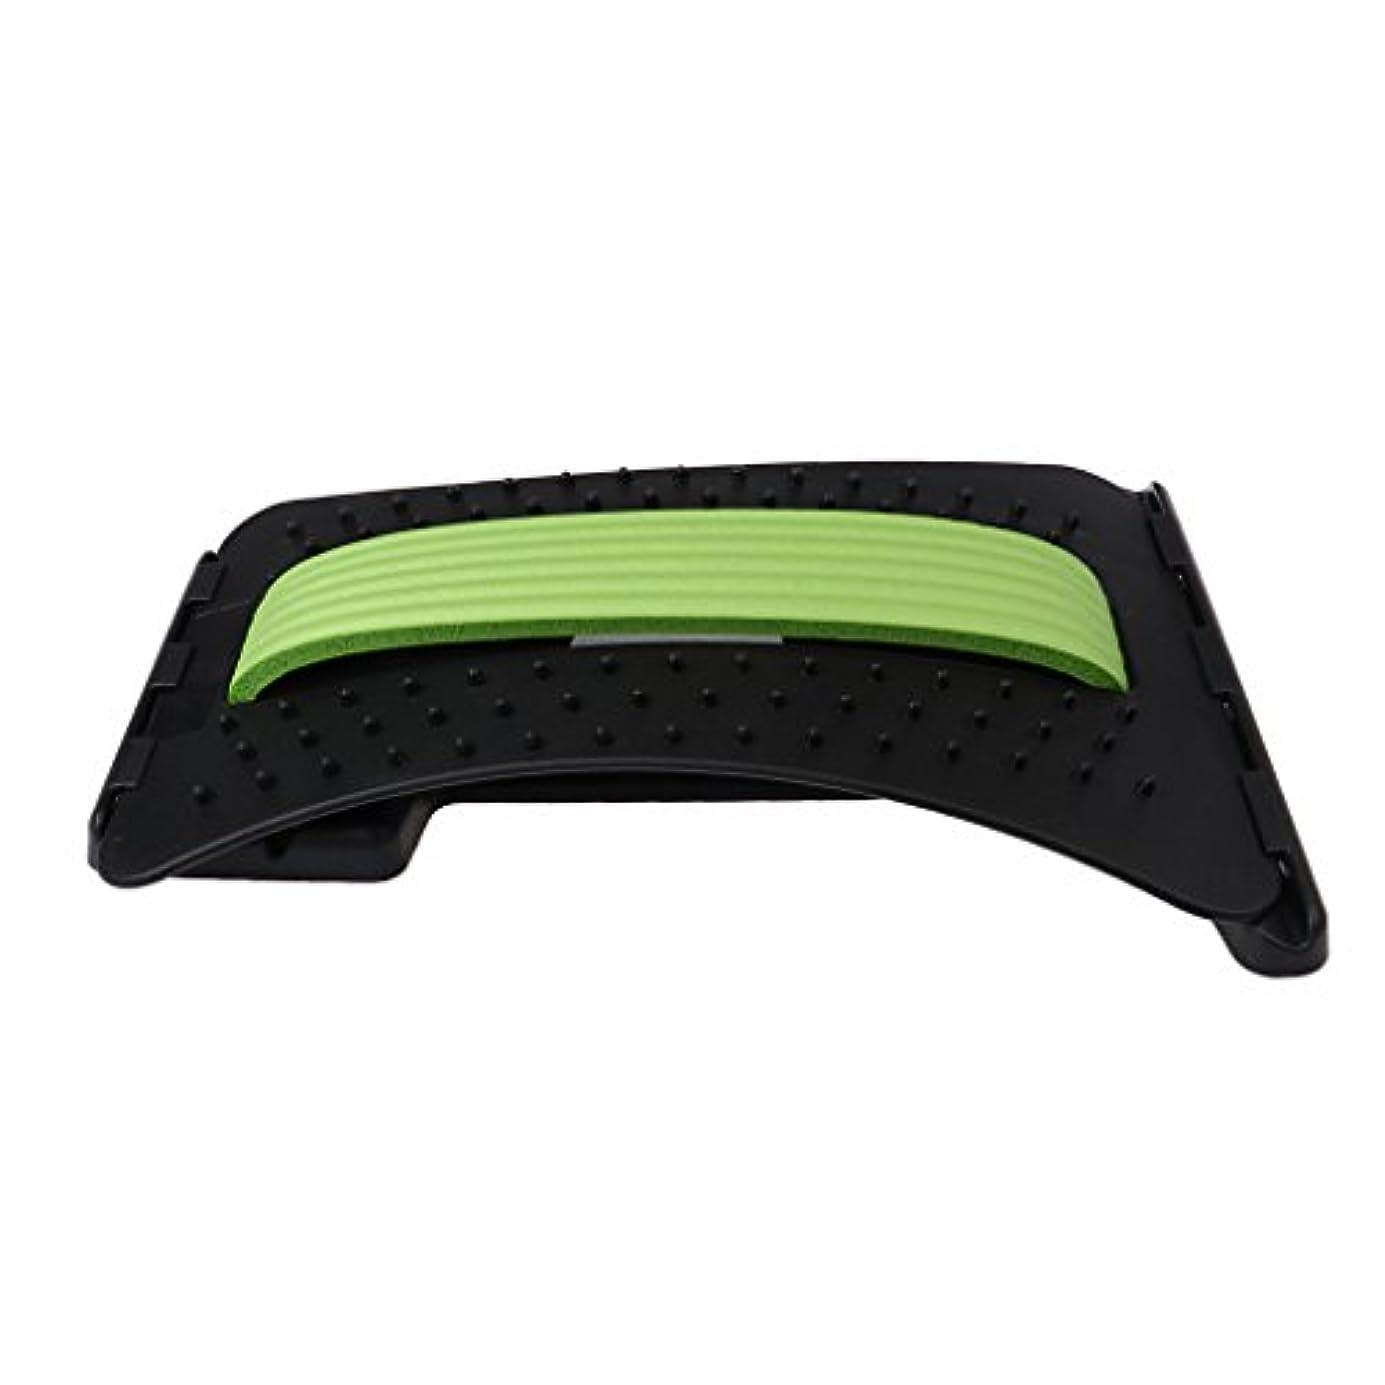 副同様に待つバックストレッチャー ABS製 リラックス ストレス解消 3色選べる - 緑